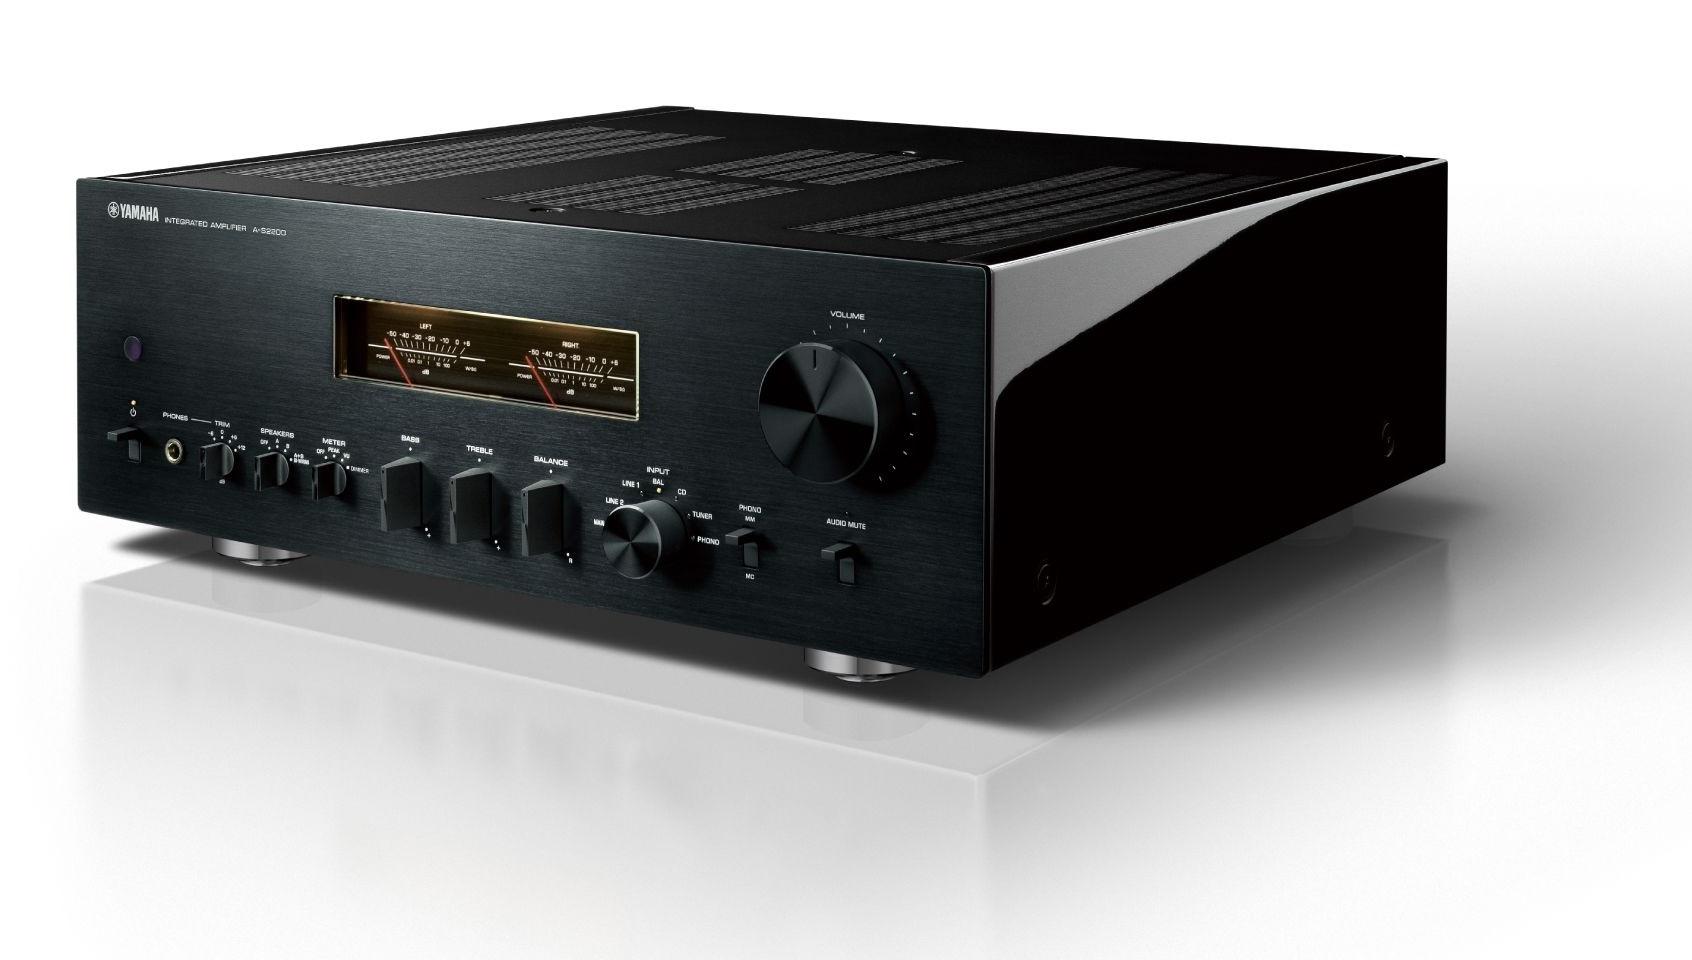 Yamaha A-S2200 Stereo Integrert Forsterker